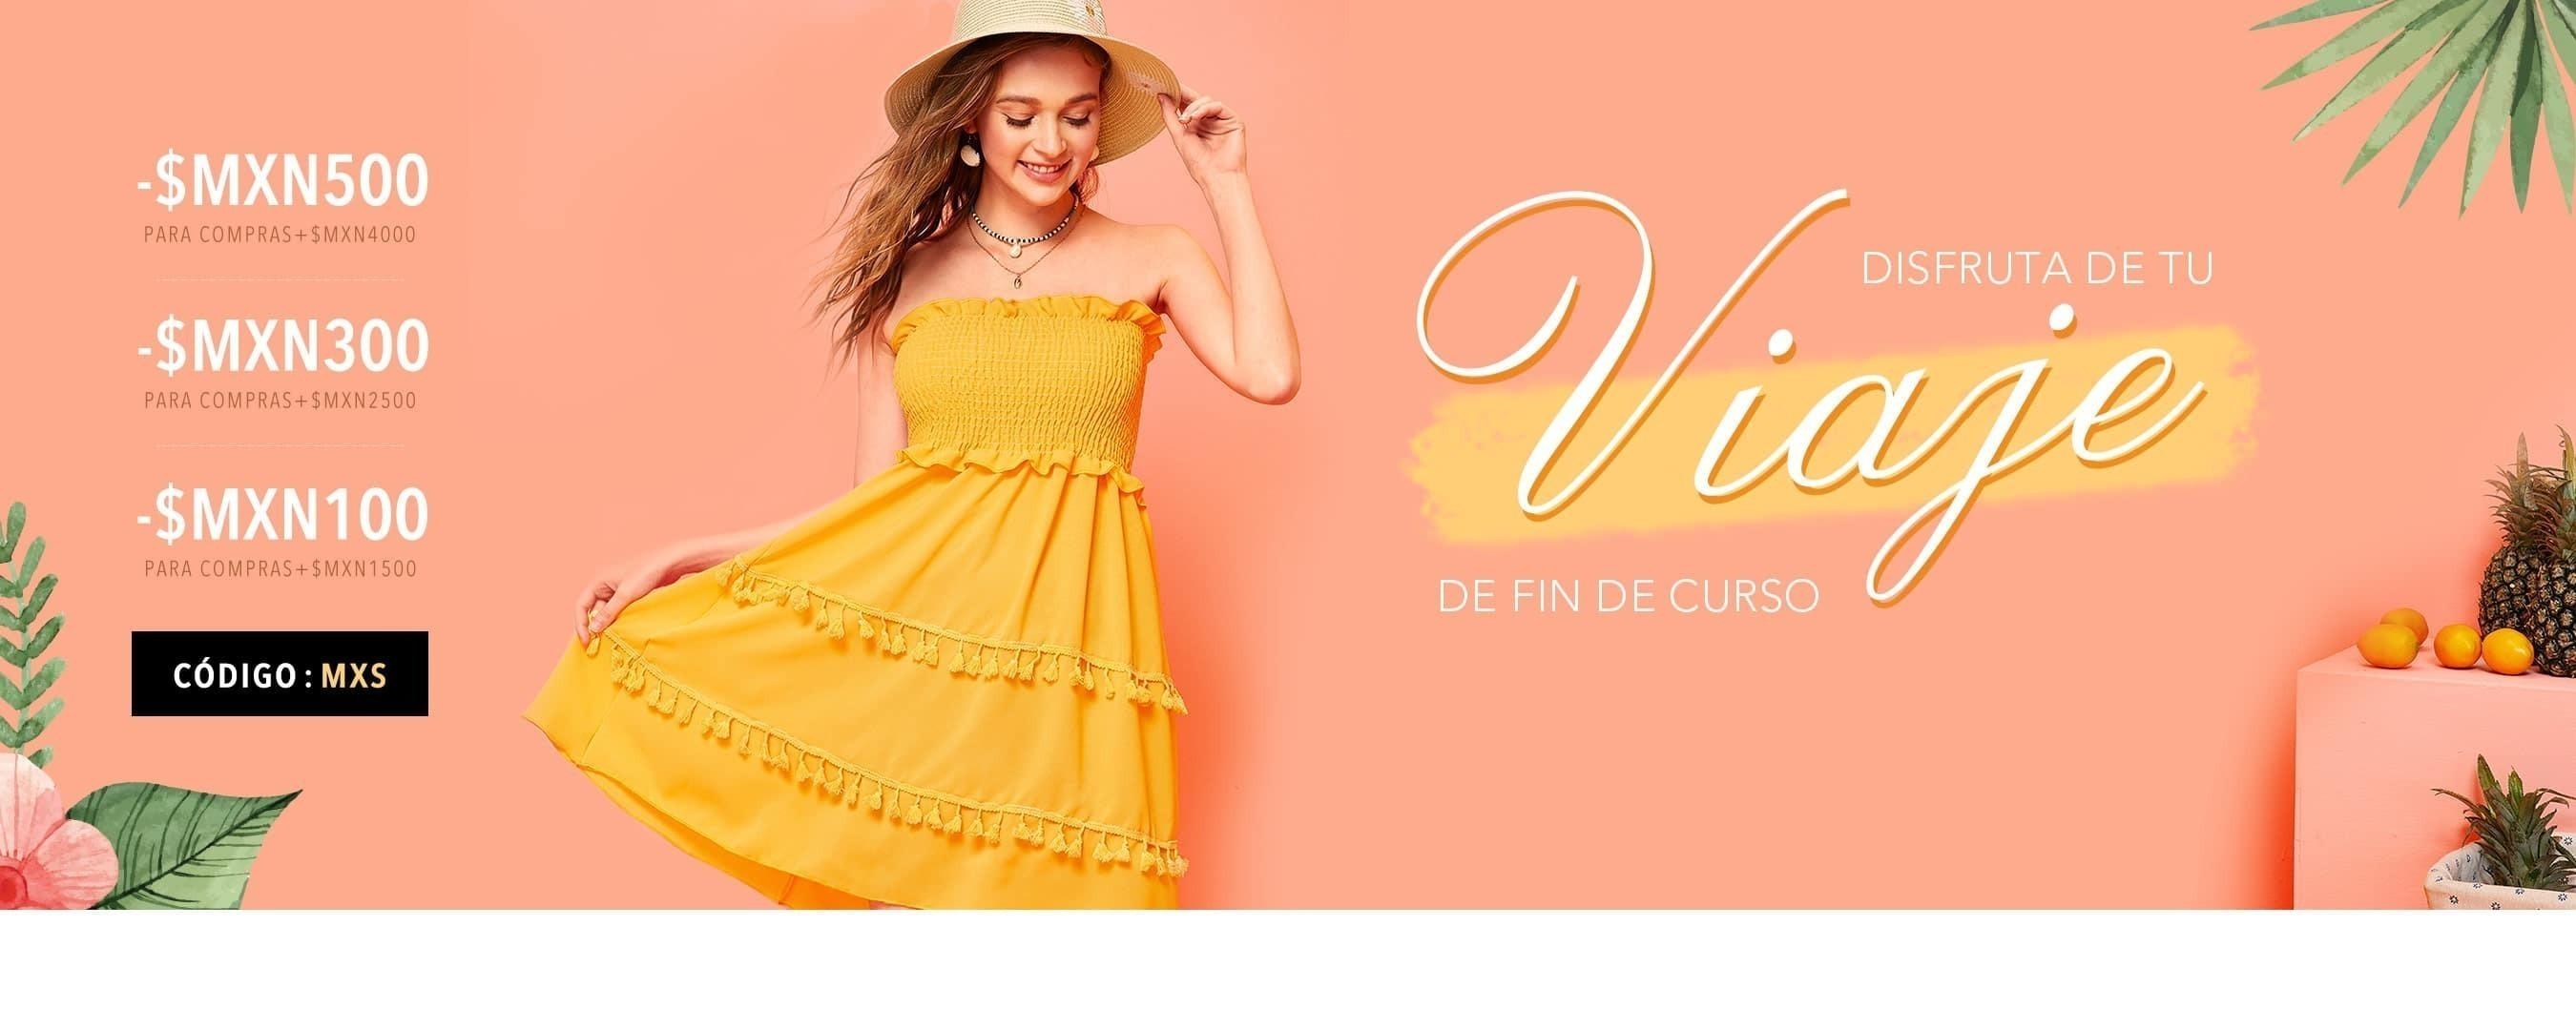 06b275a3c Ropa y moda de Mujer al mejor precio online